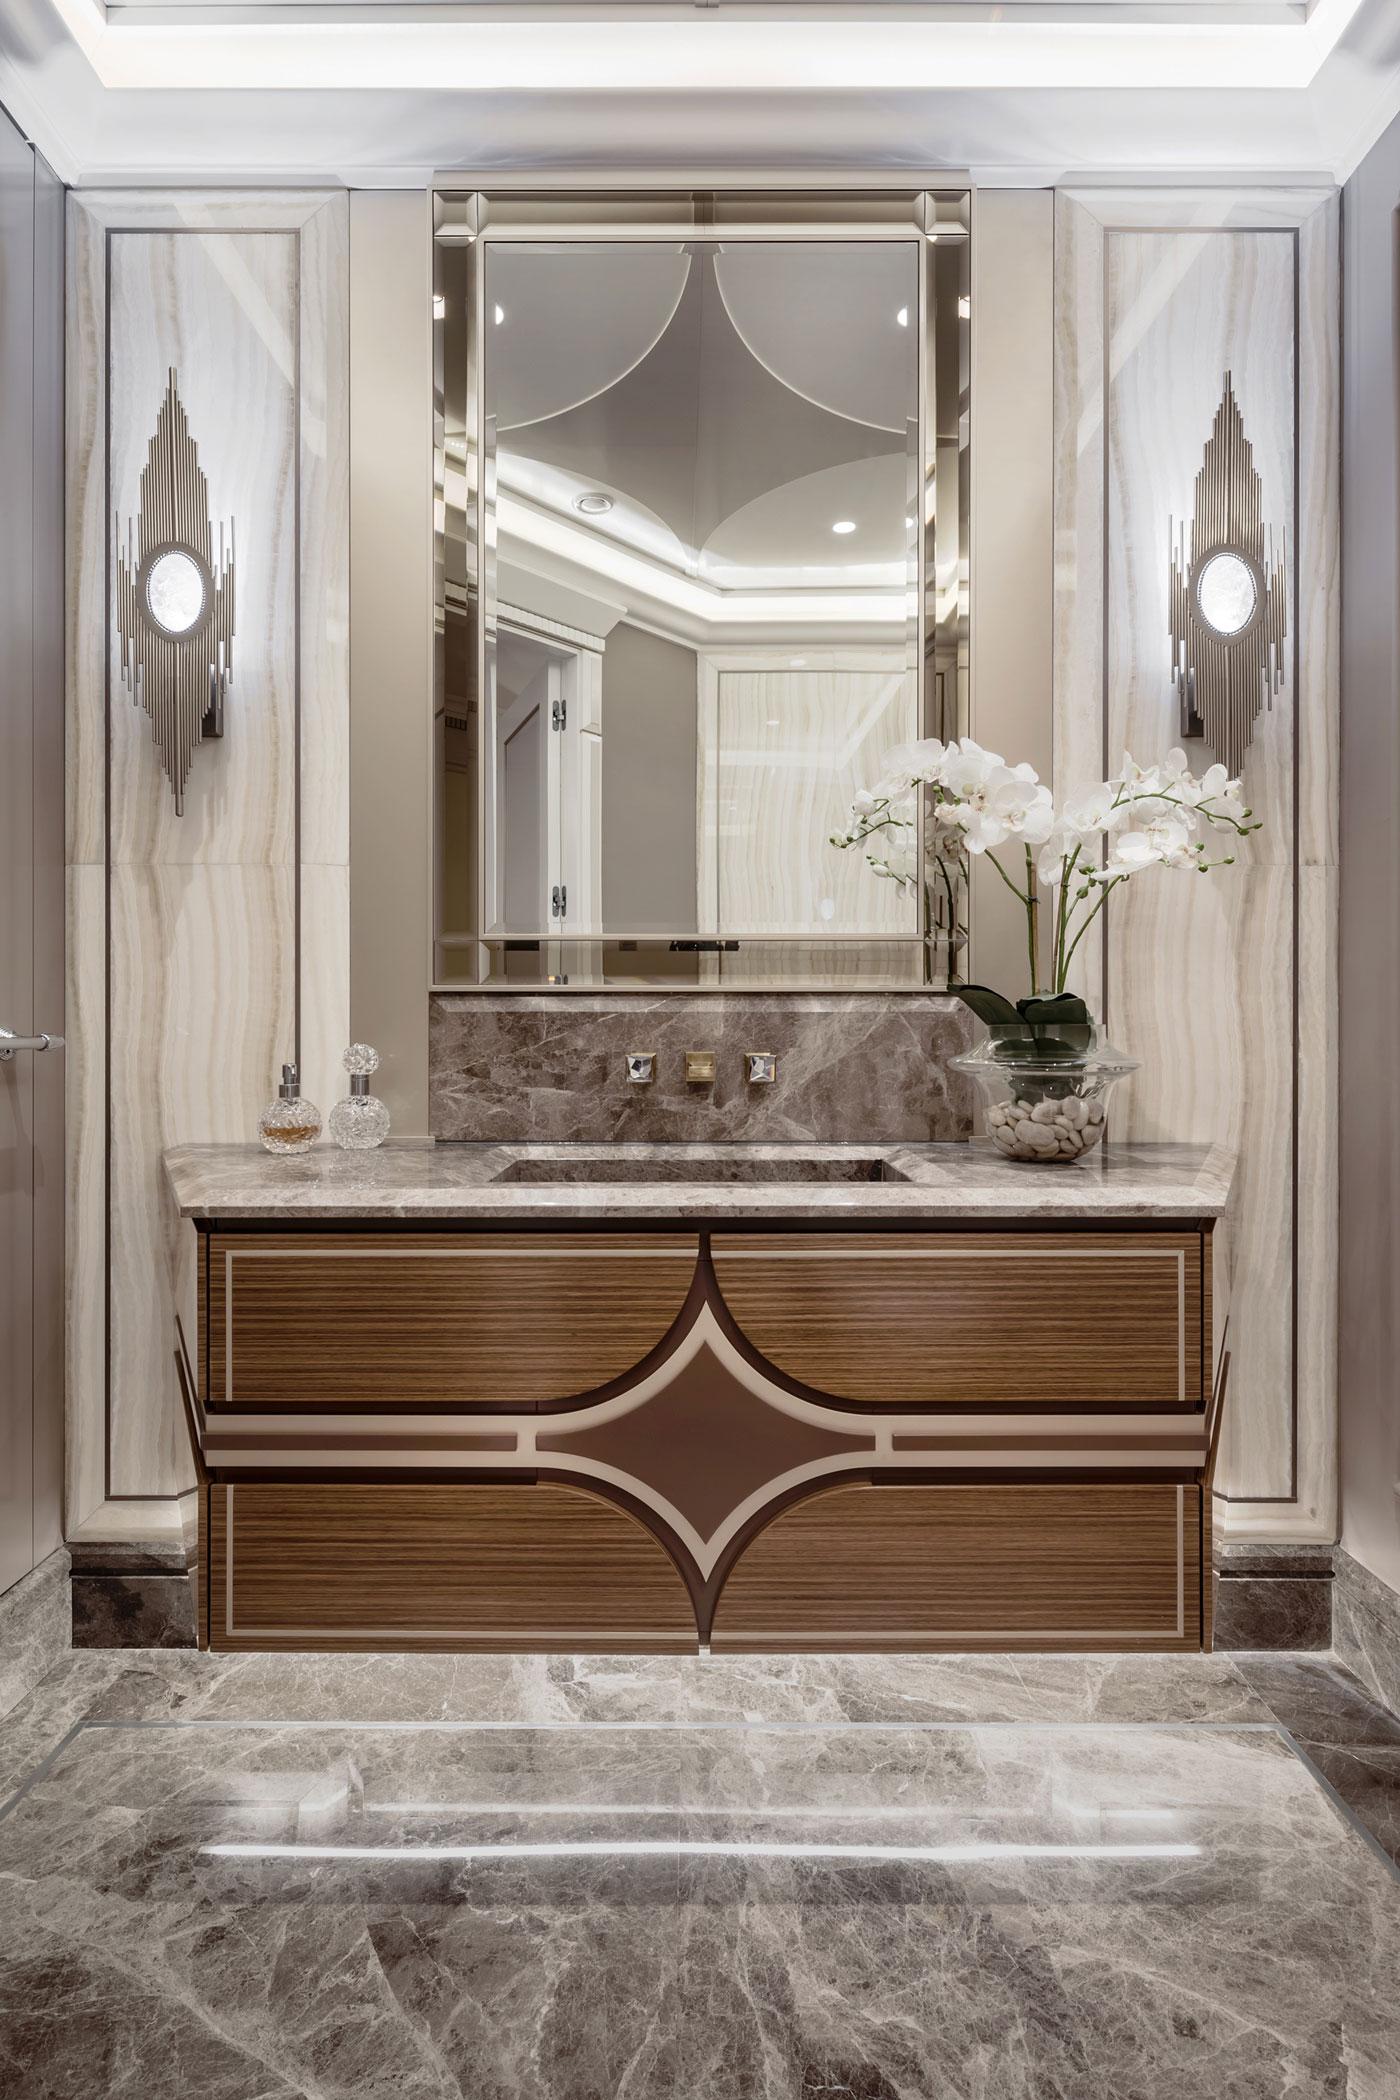 Badkamers voorbeelden de drie chique klassieke badkamers van een frans appa inloopdouche frans - Klassieke badkamer meubels ...